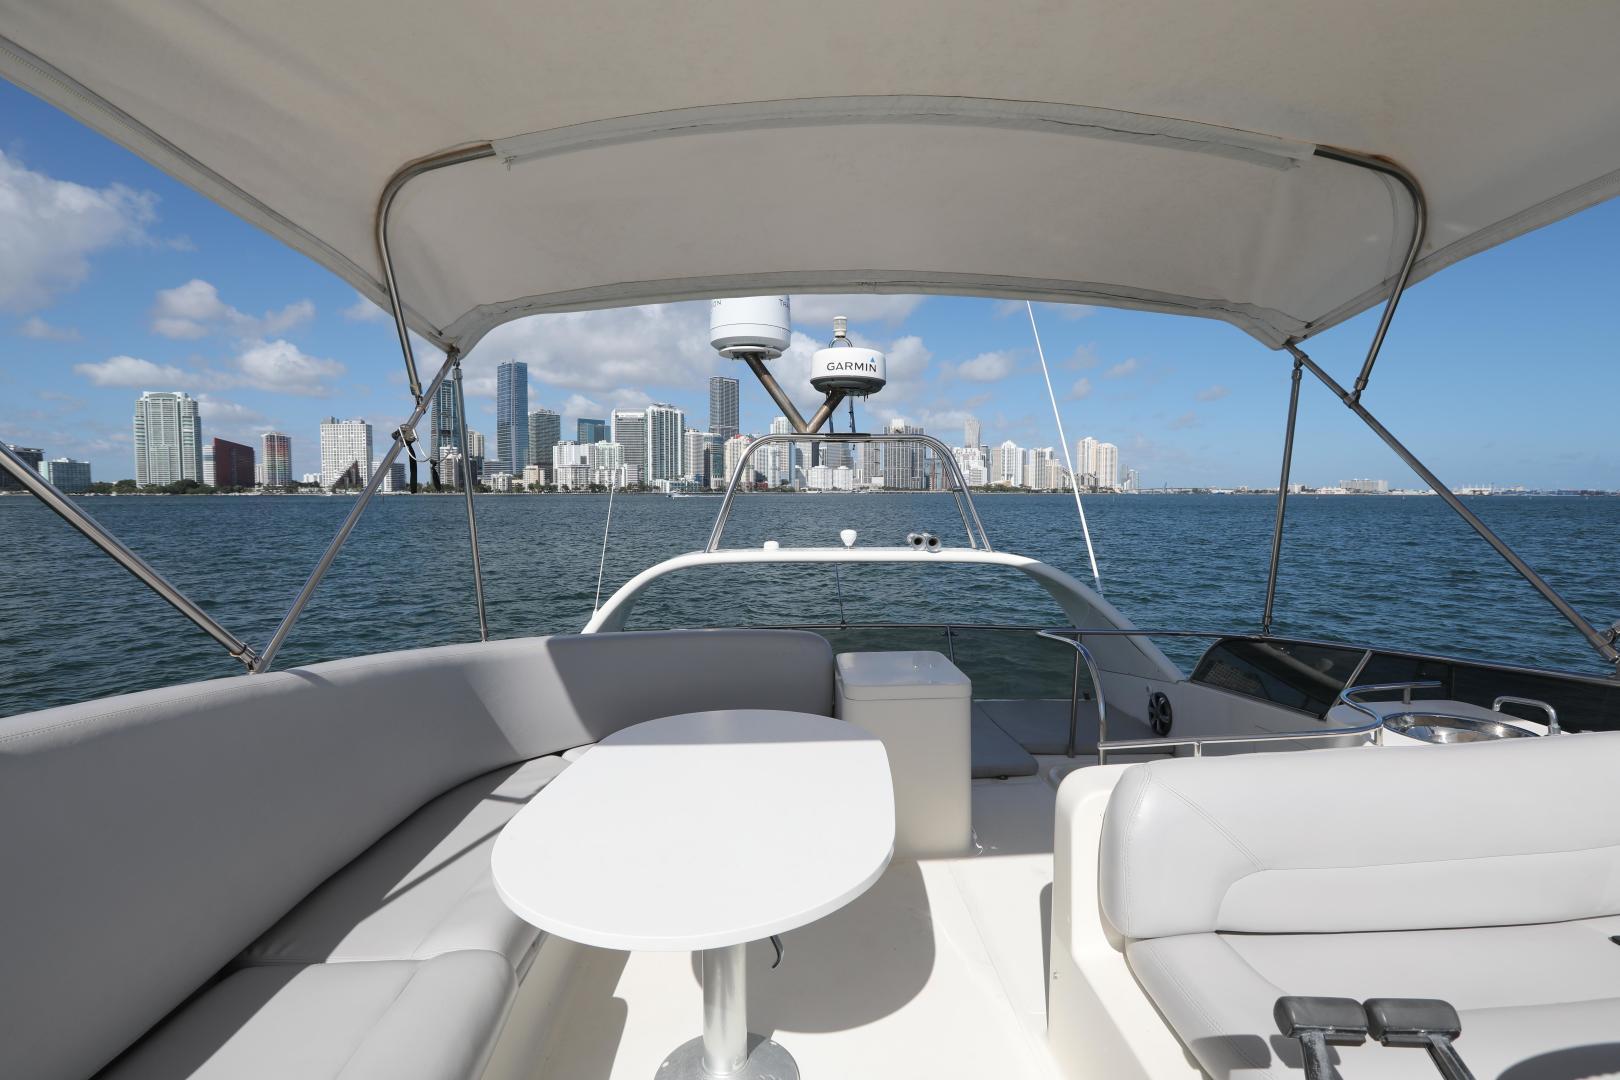 Rodman-Flybridge 2004-La Meli Miami Beach-Florida-United States-1566567 | Thumbnail